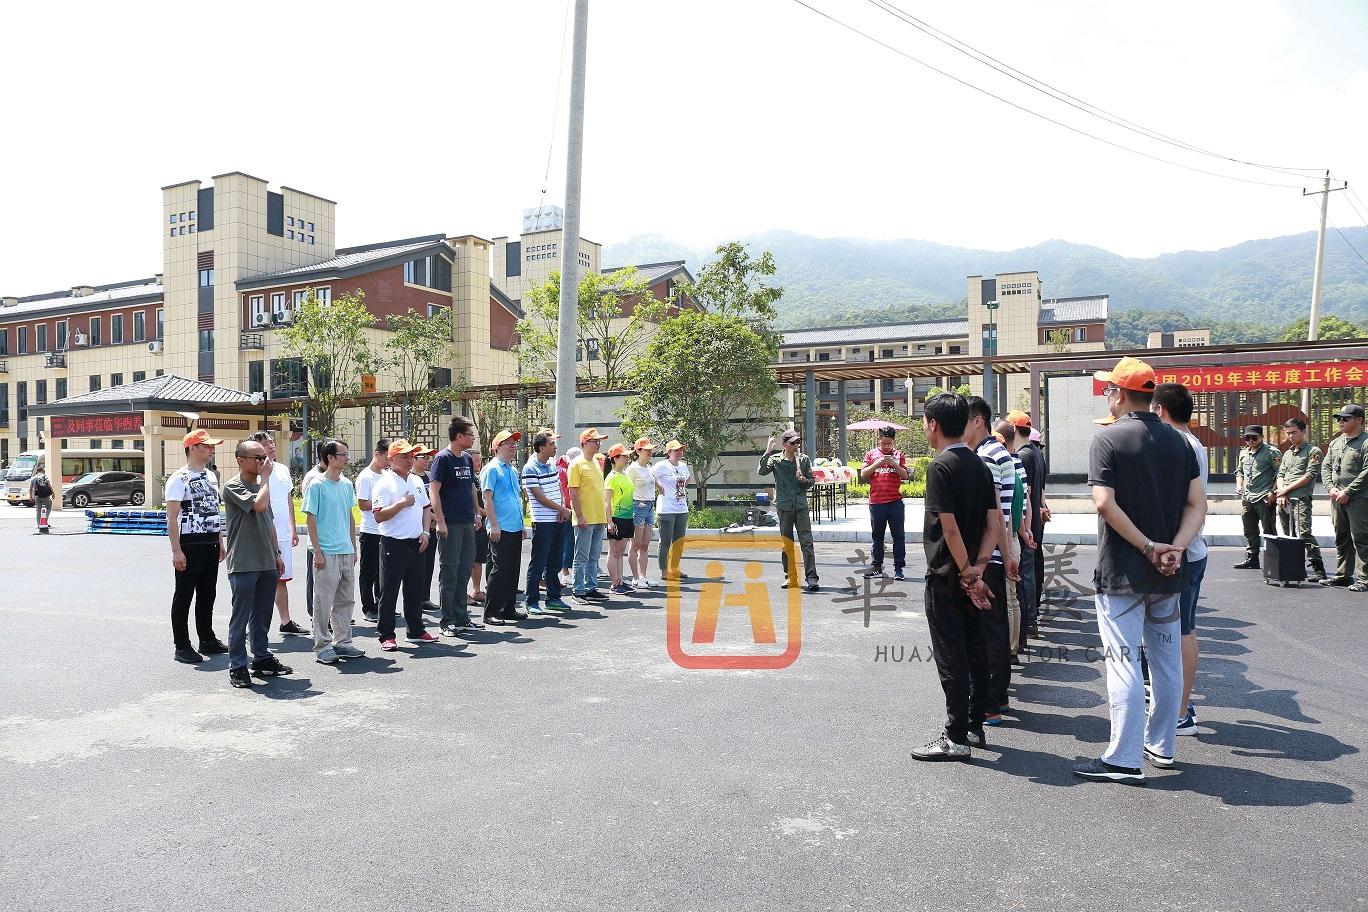 华荣集团半年度会议——华煦养老院室外拓展